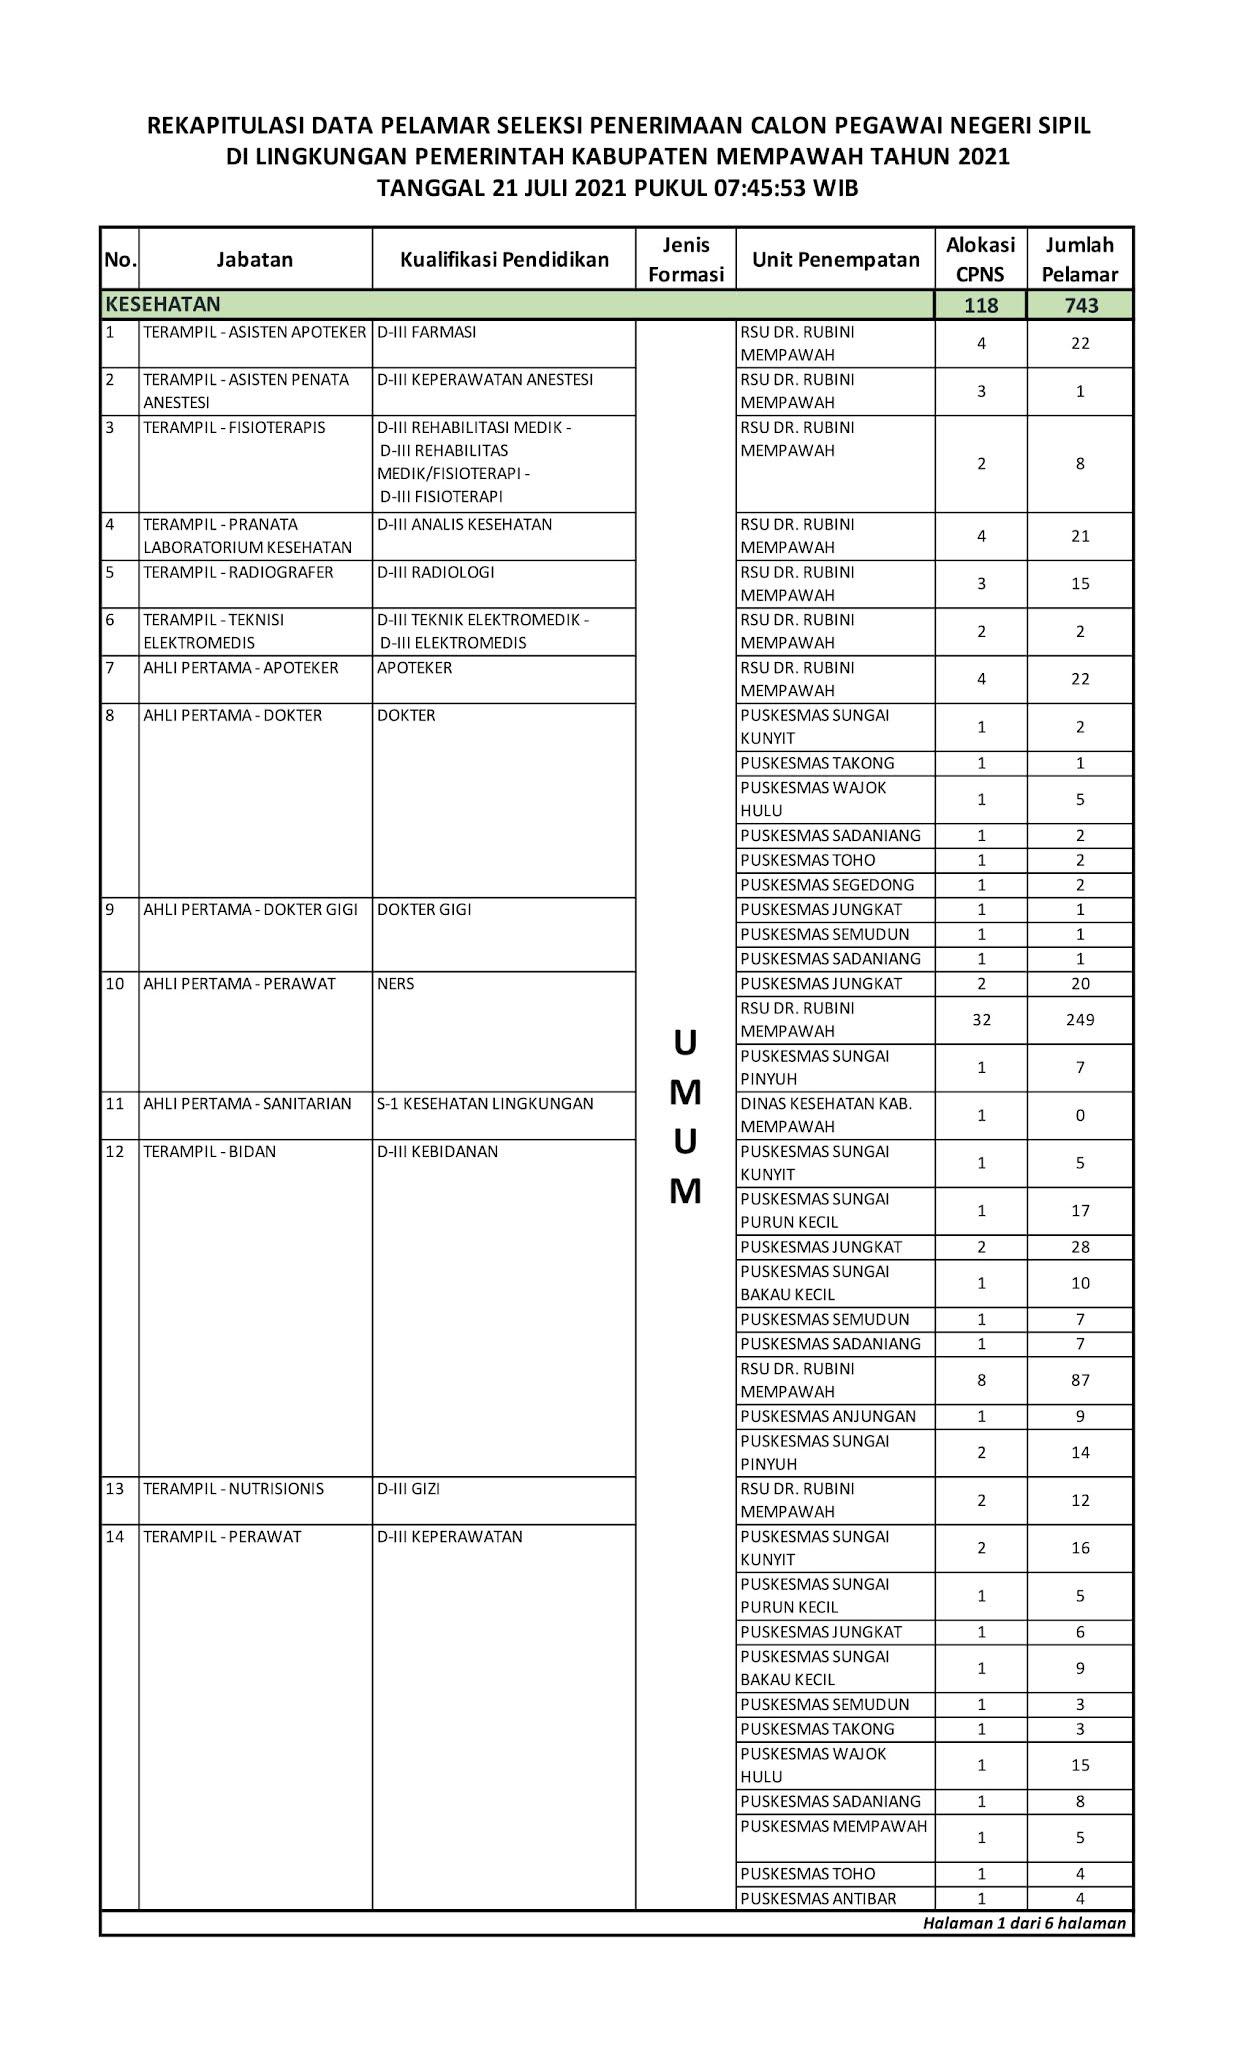 Daftar Formasi CPNS PPPK Non Guru Lingkungan Pemerintah Kabupaten Mempawah yang Nihil Pelamar